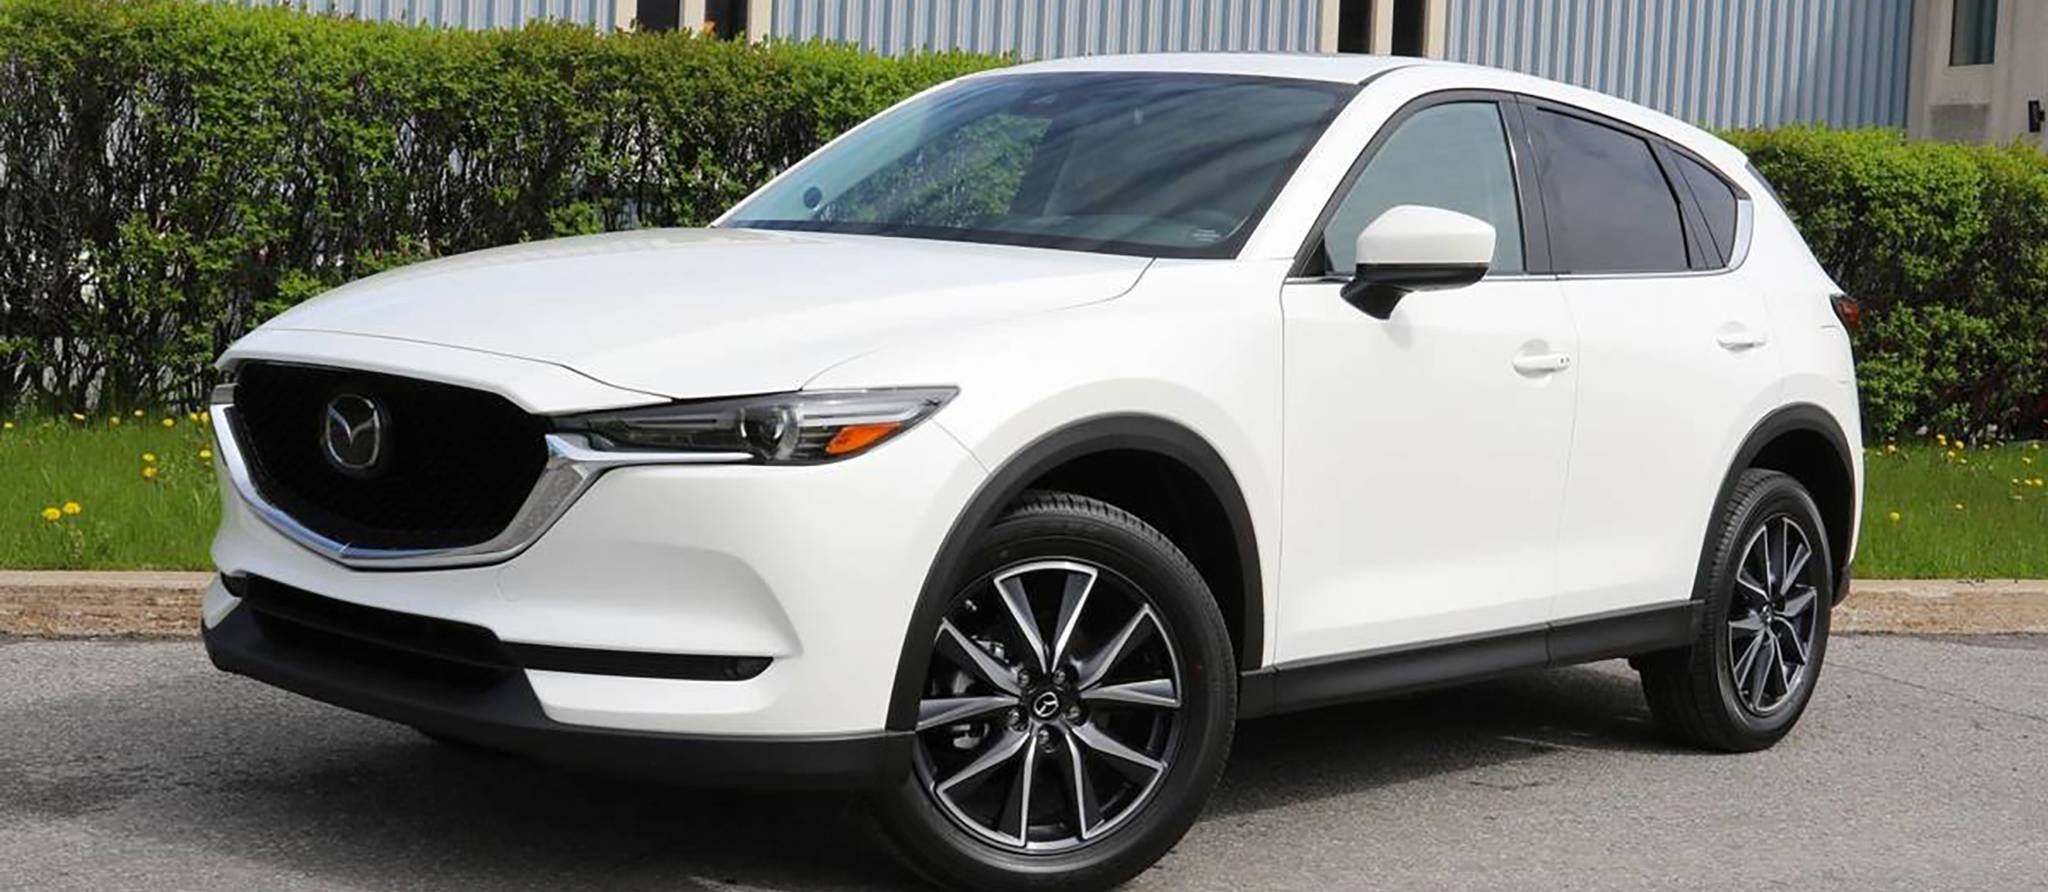 2017_Mazda_CX-5